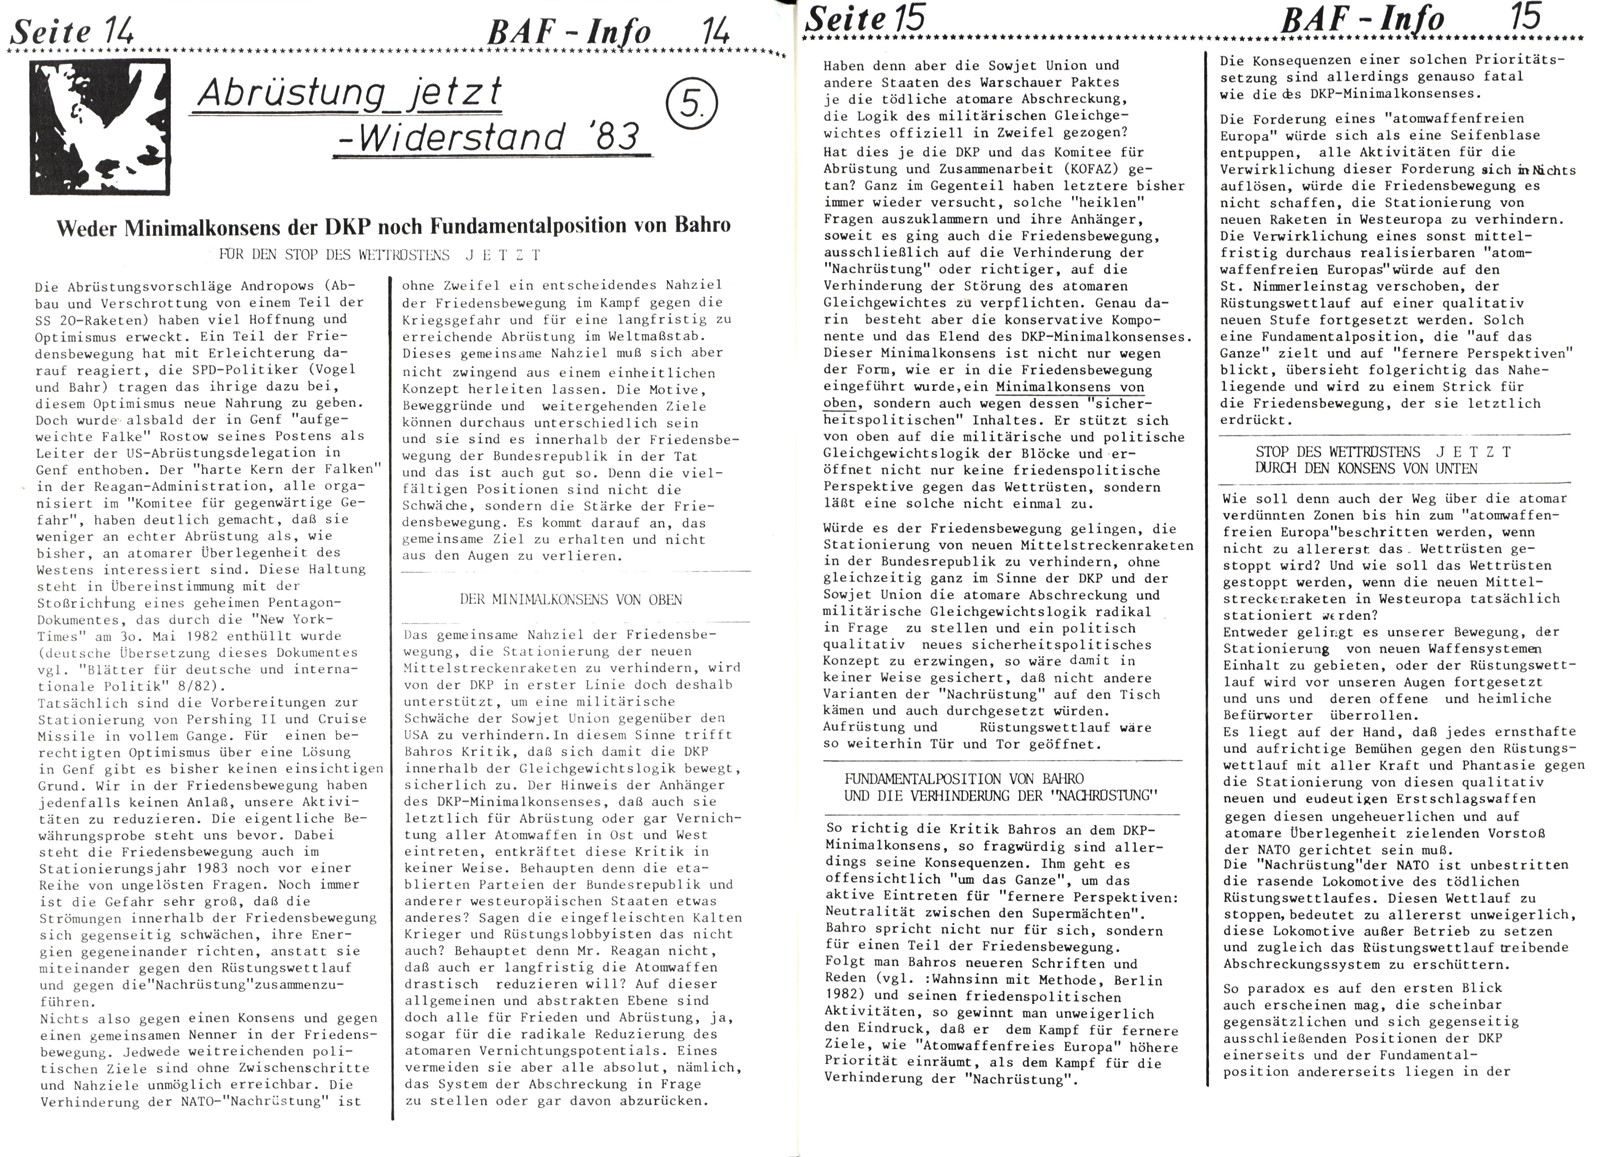 BAF_Info_02_19830100_08